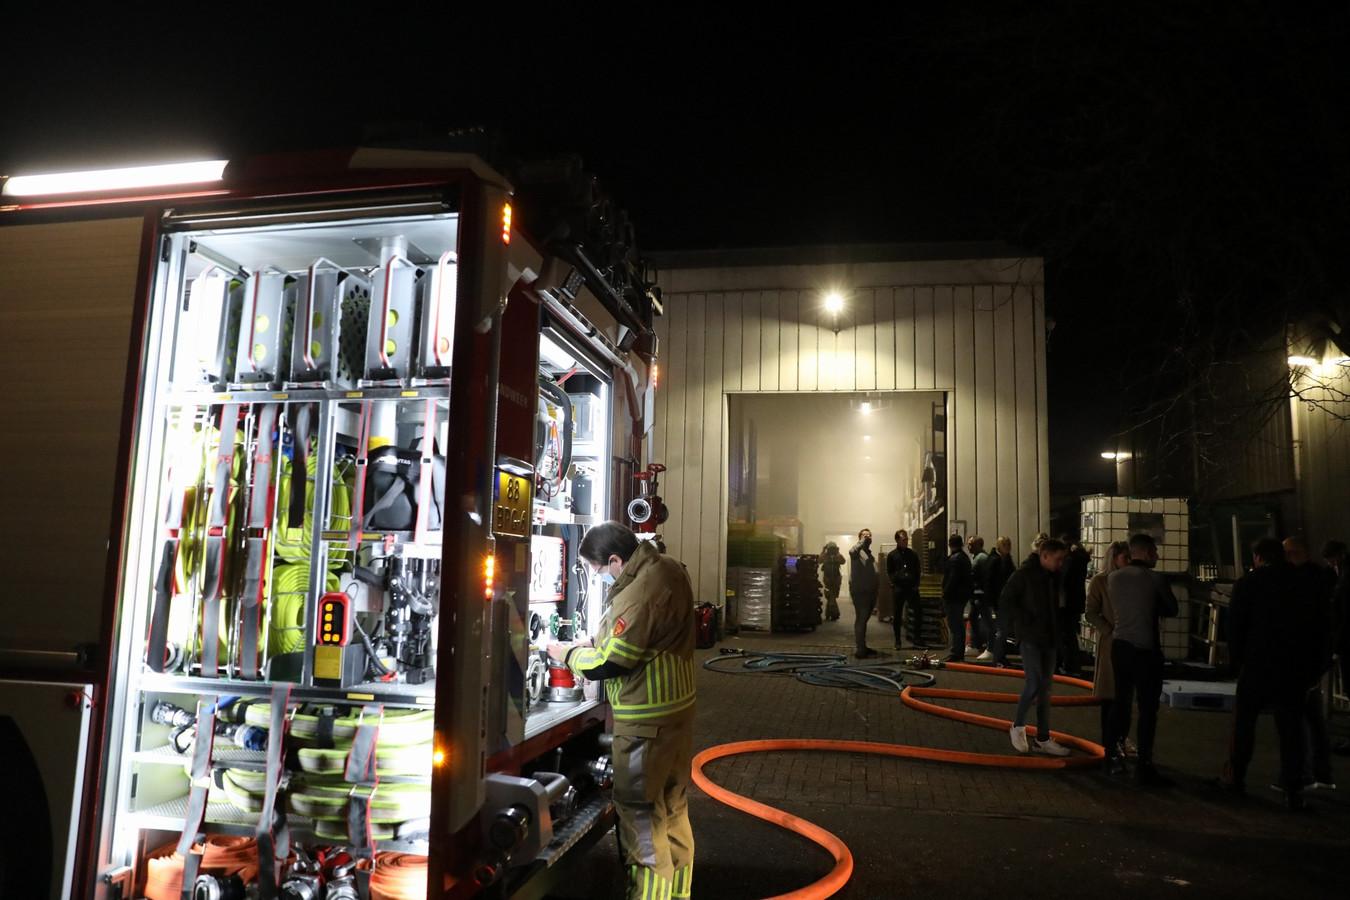 De brandweer had de situatie snel onder controle